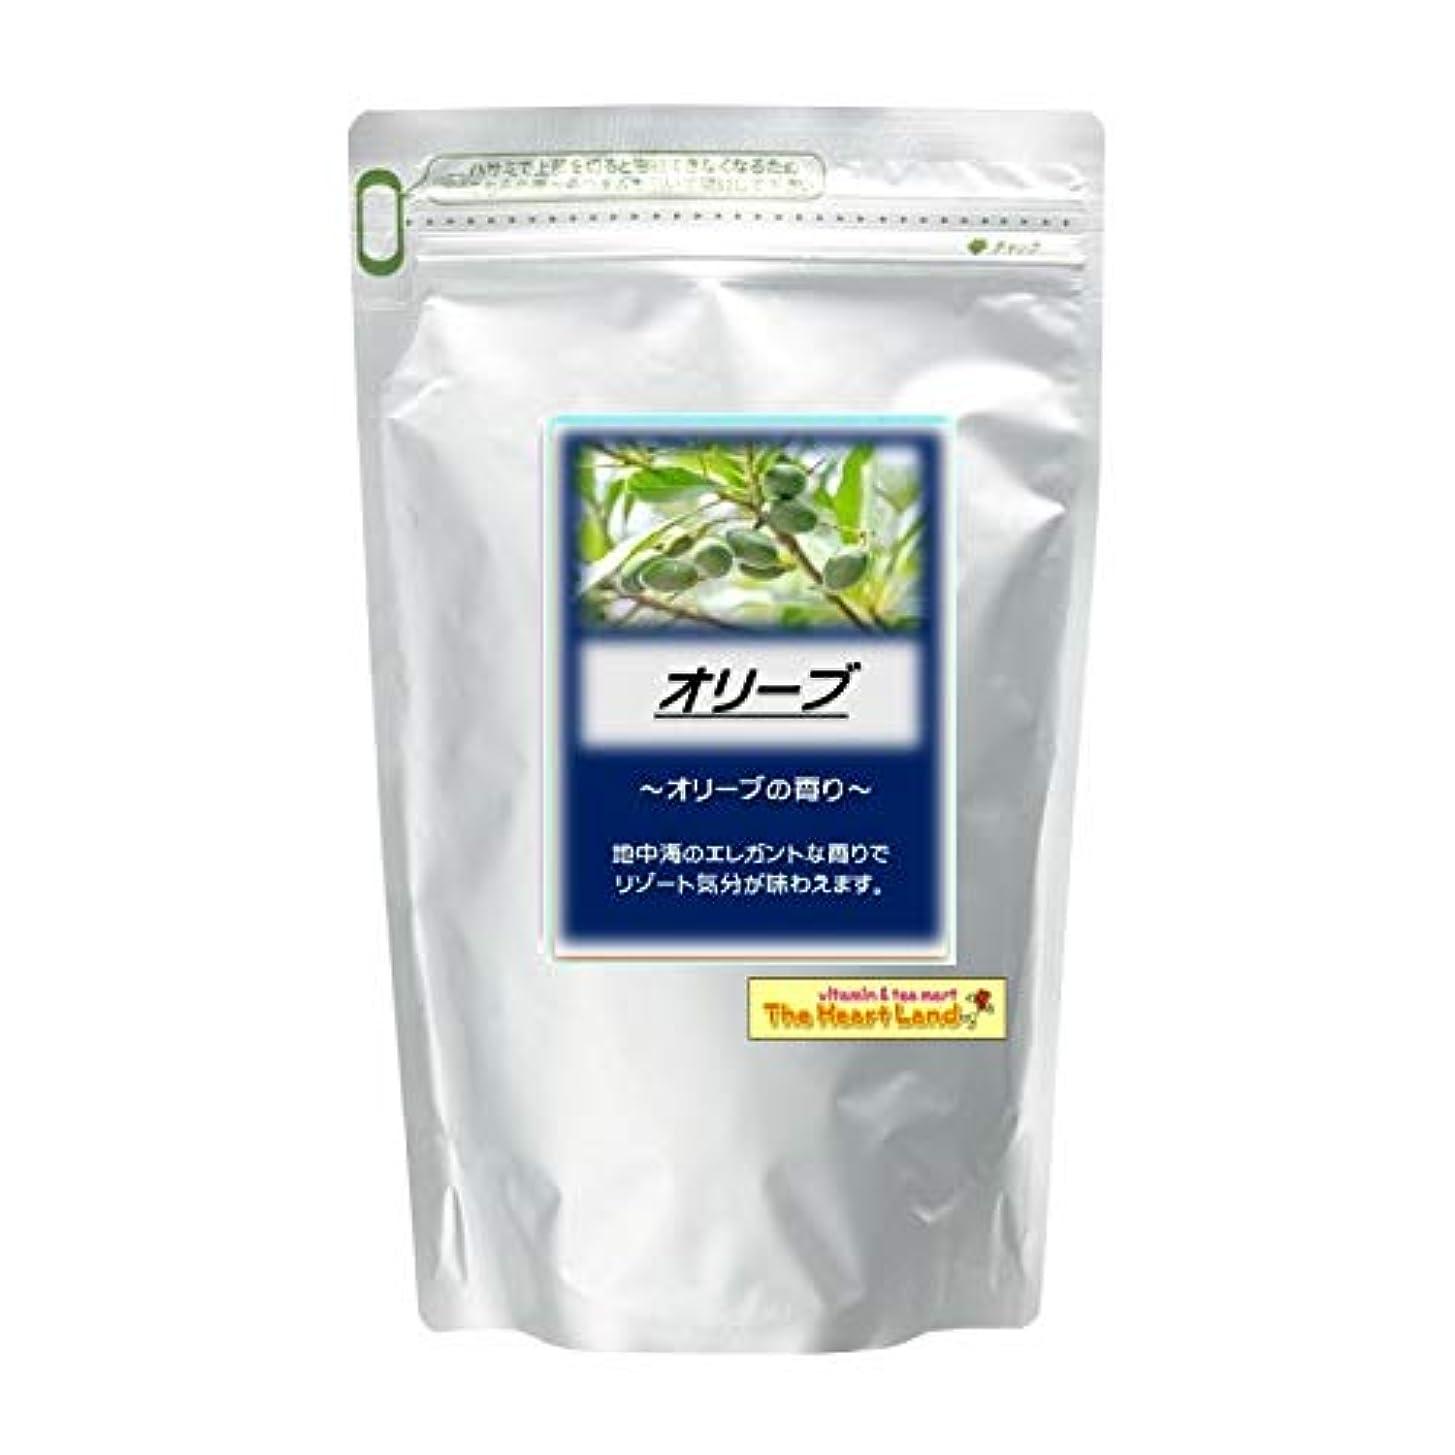 裁定ペチコートボットアサヒ入浴剤 浴用入浴化粧品 オリーブ 2.5kg